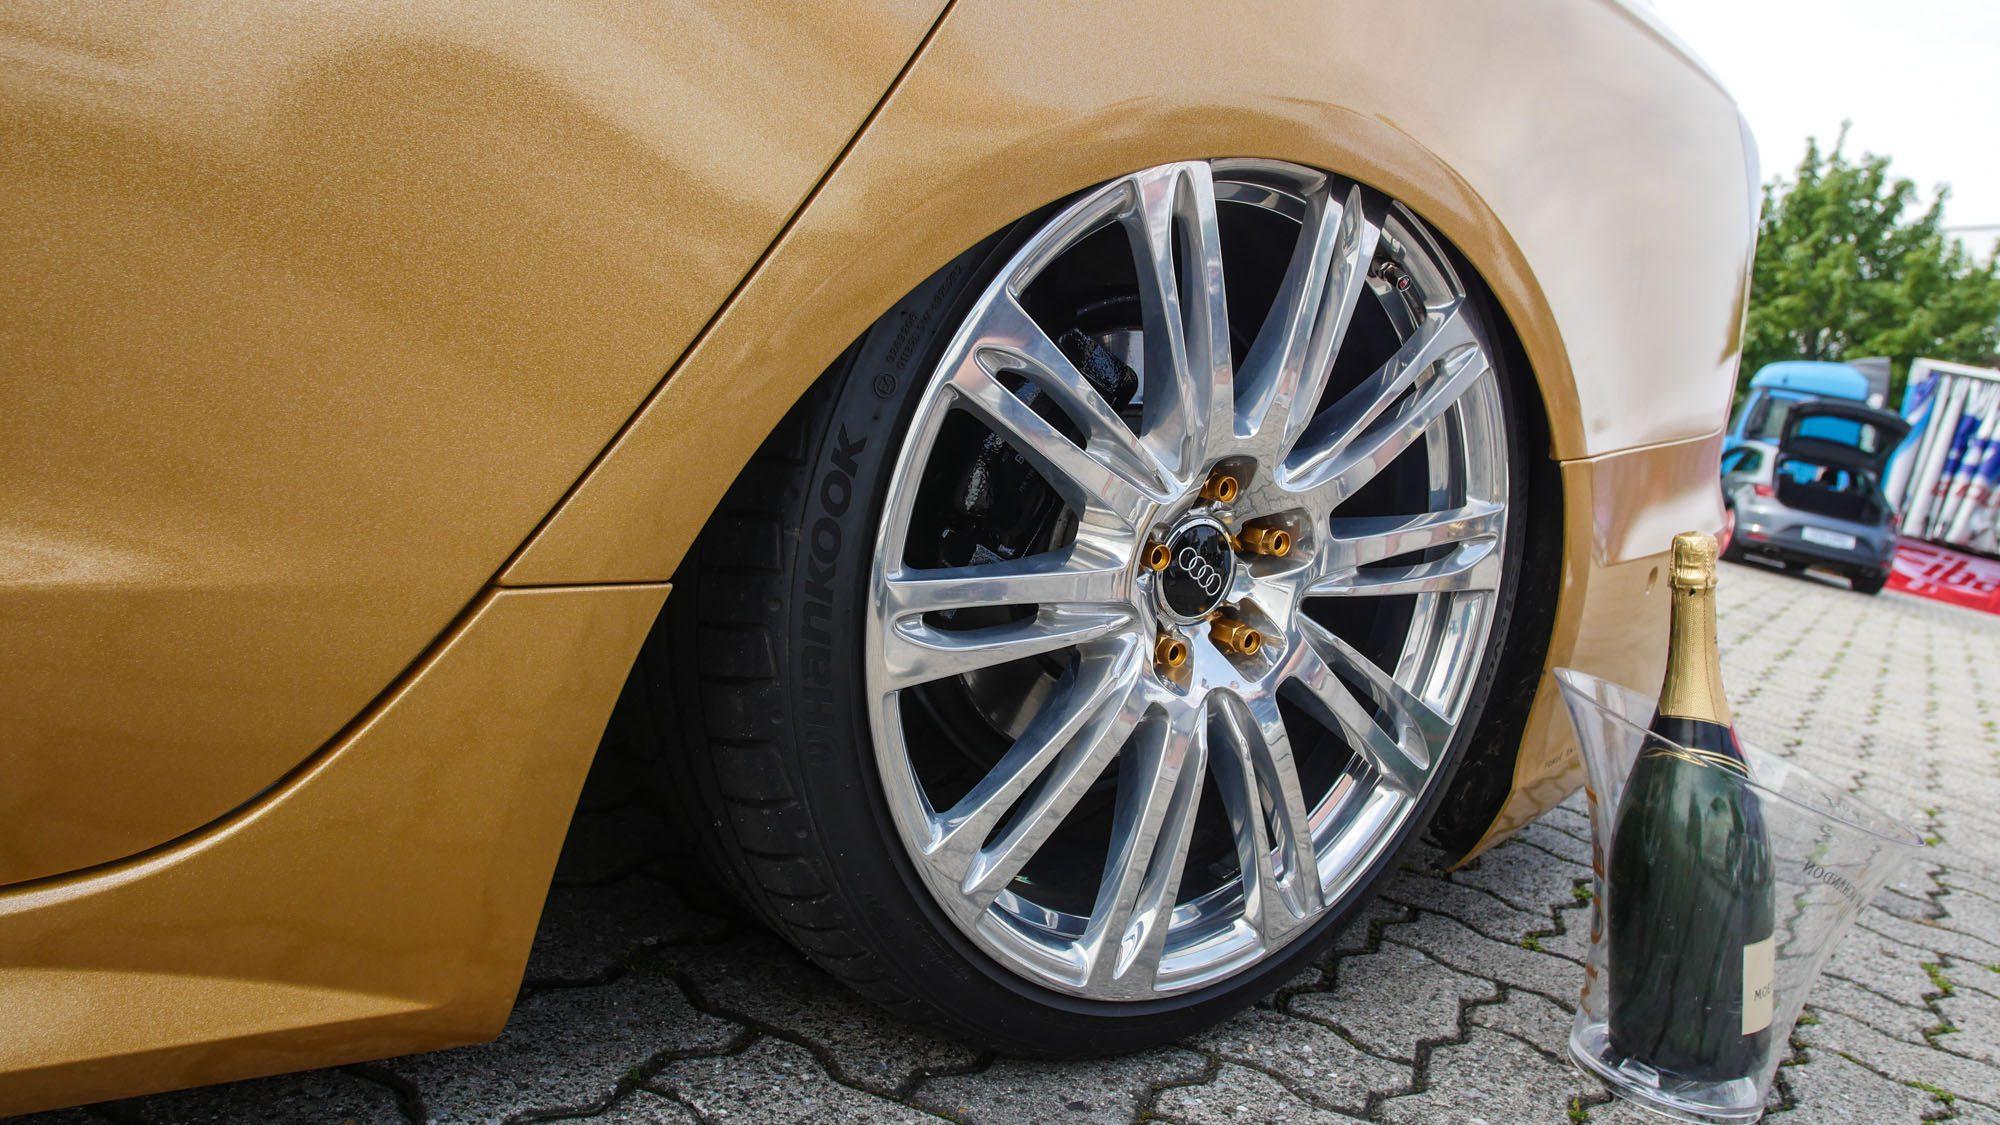 Edle Radwahl auf dem Audi A6 Avant